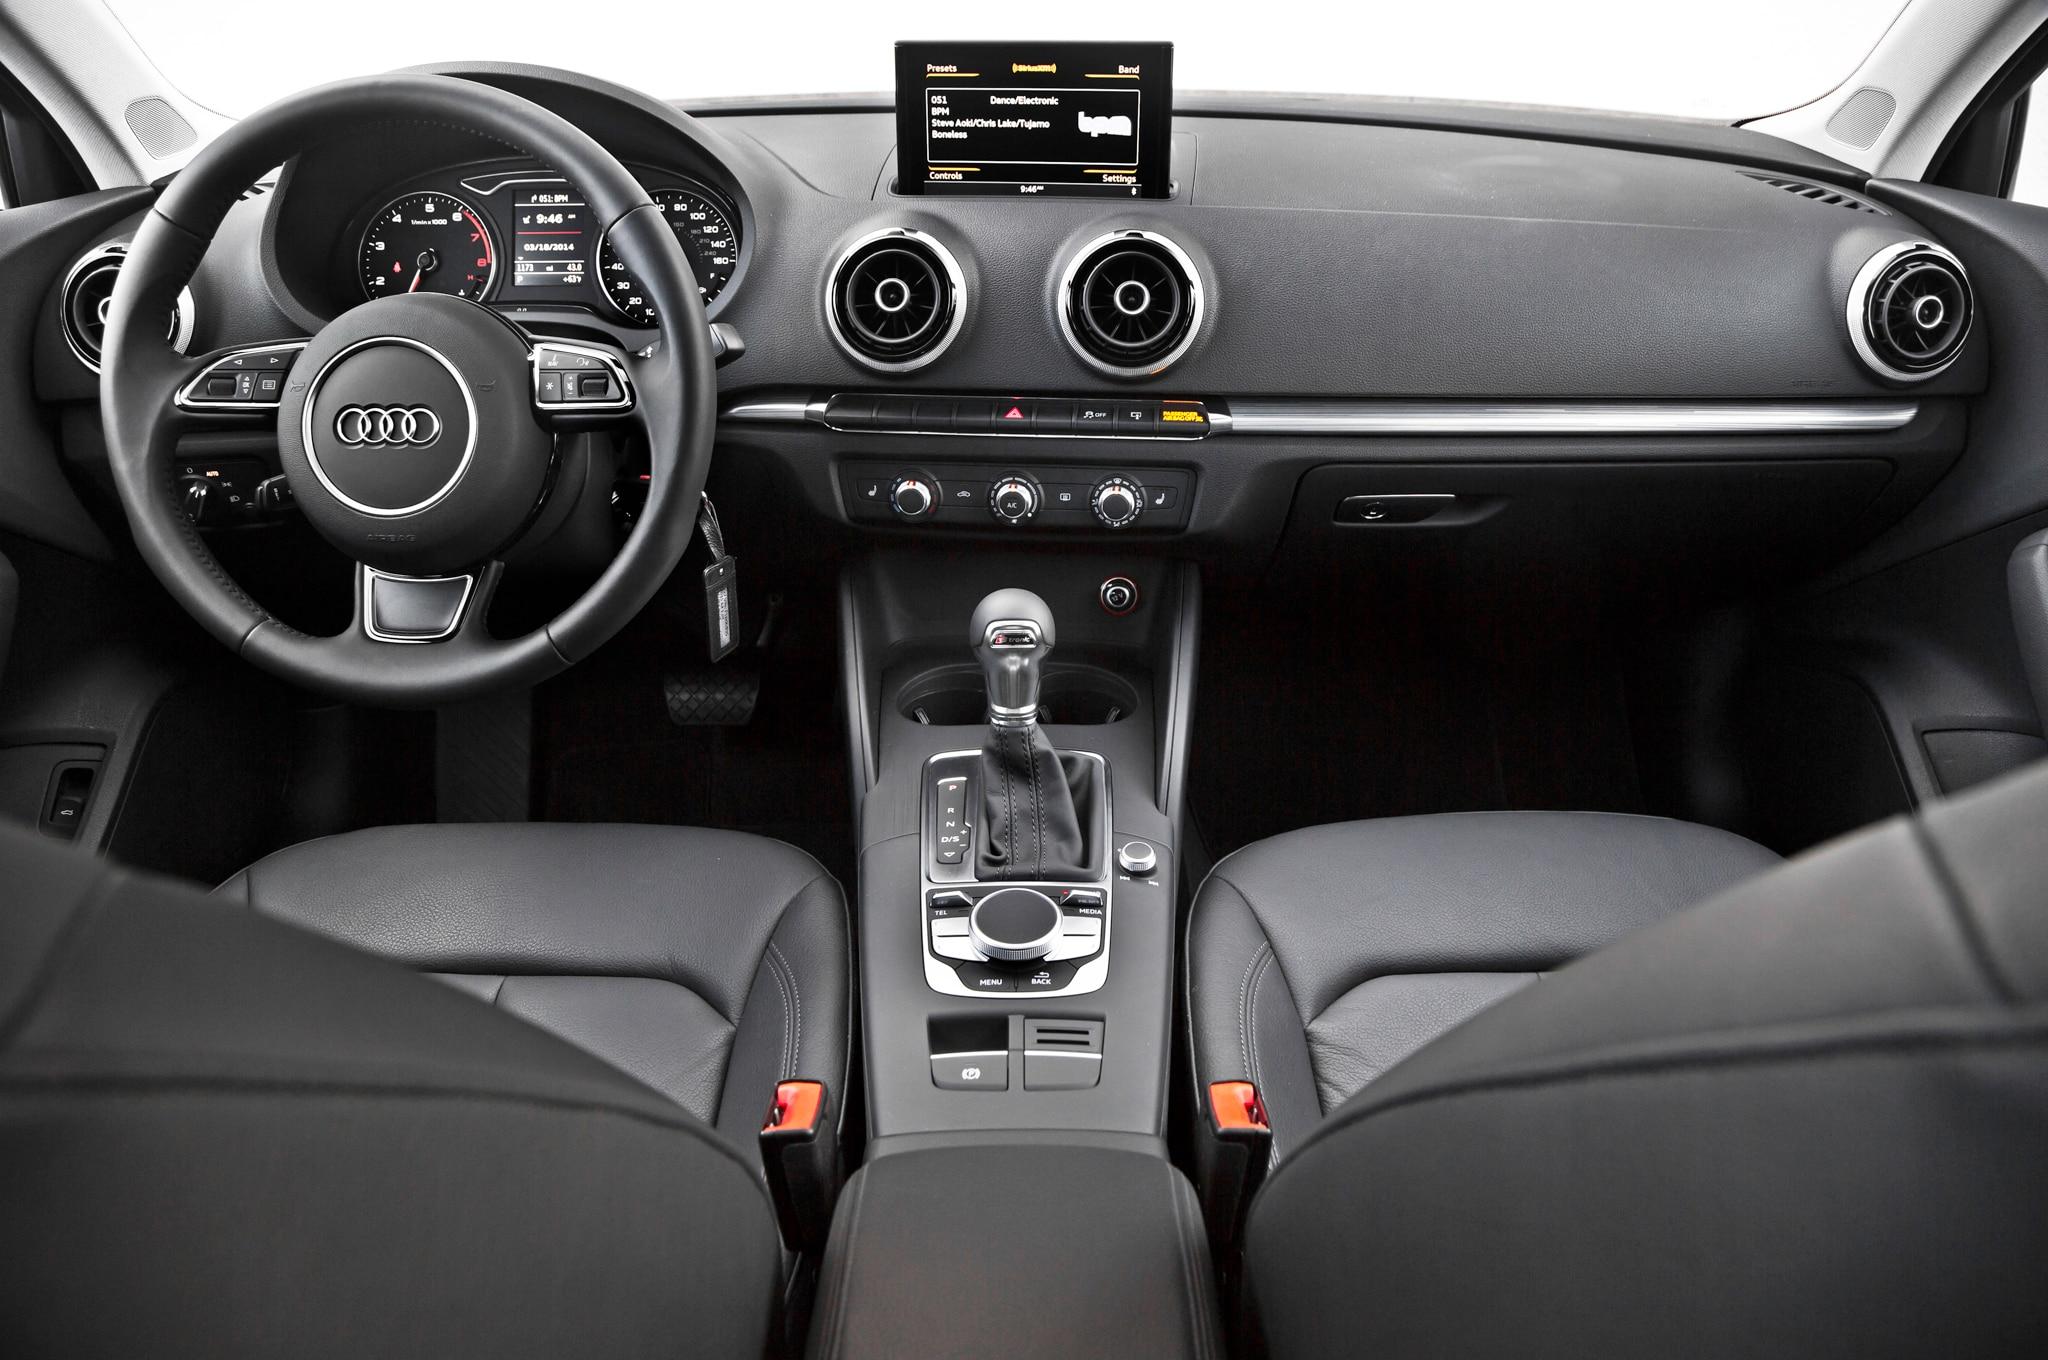 2015 Audi A3 18t Interior Motor Trend En Español